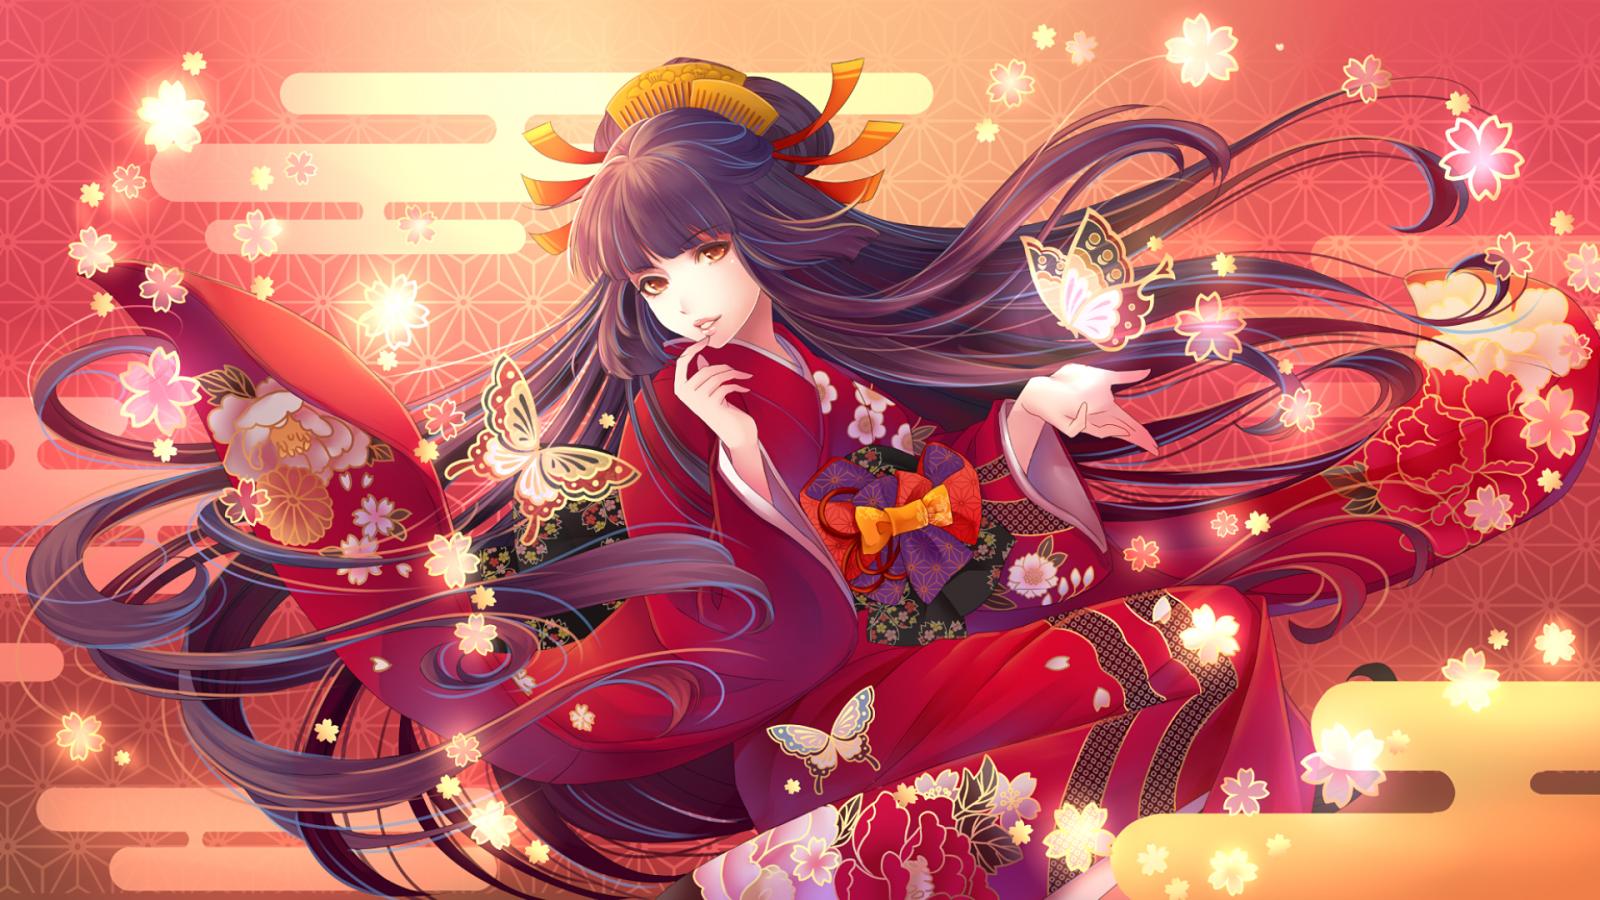 Wallpaper : kimono, long hair, anime girls 1920x1080 ...